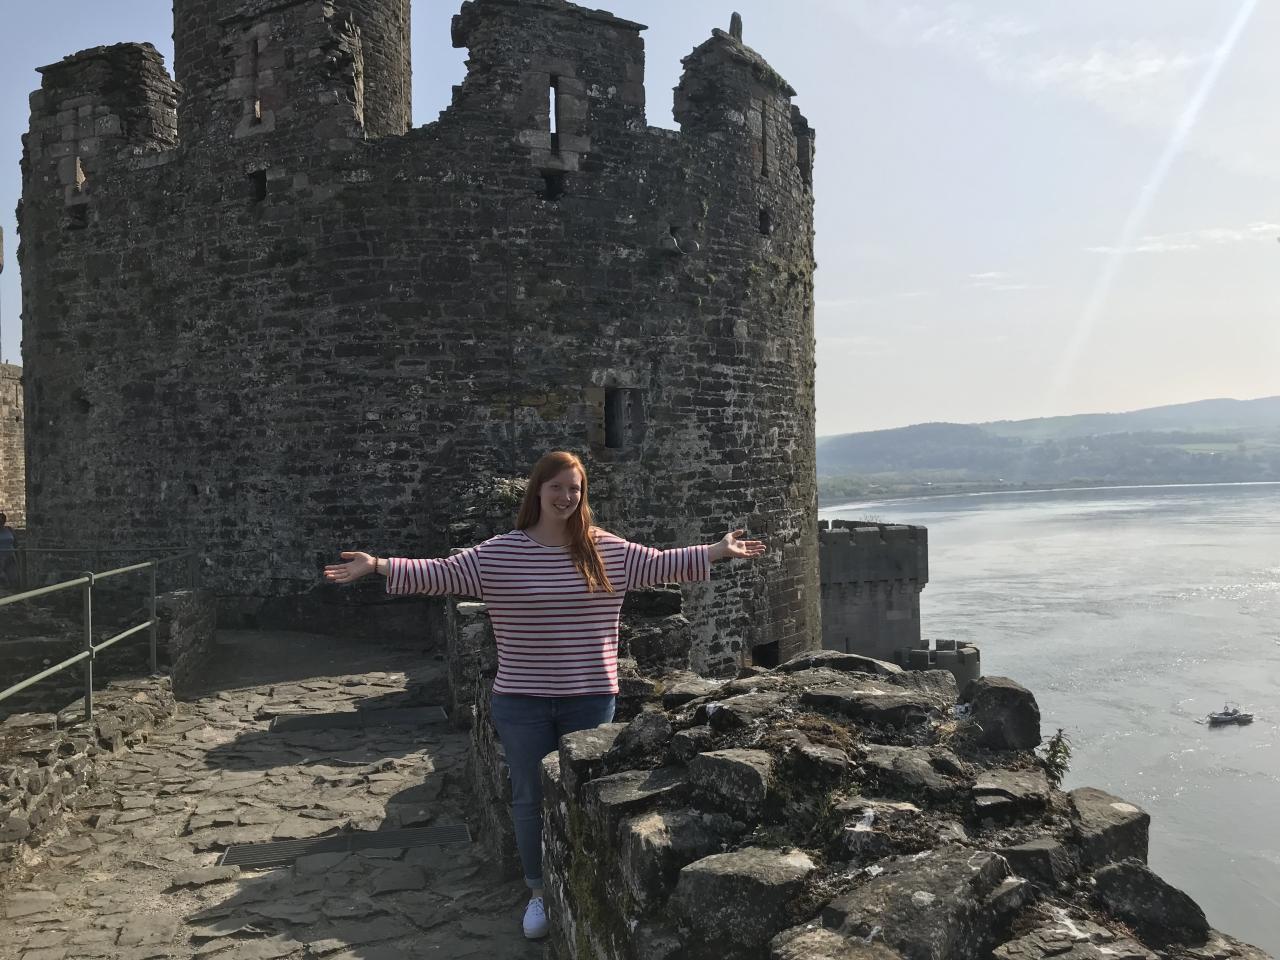 Reisegeschichten: So fand Nina ihre Überraschungsreise   Unplanned